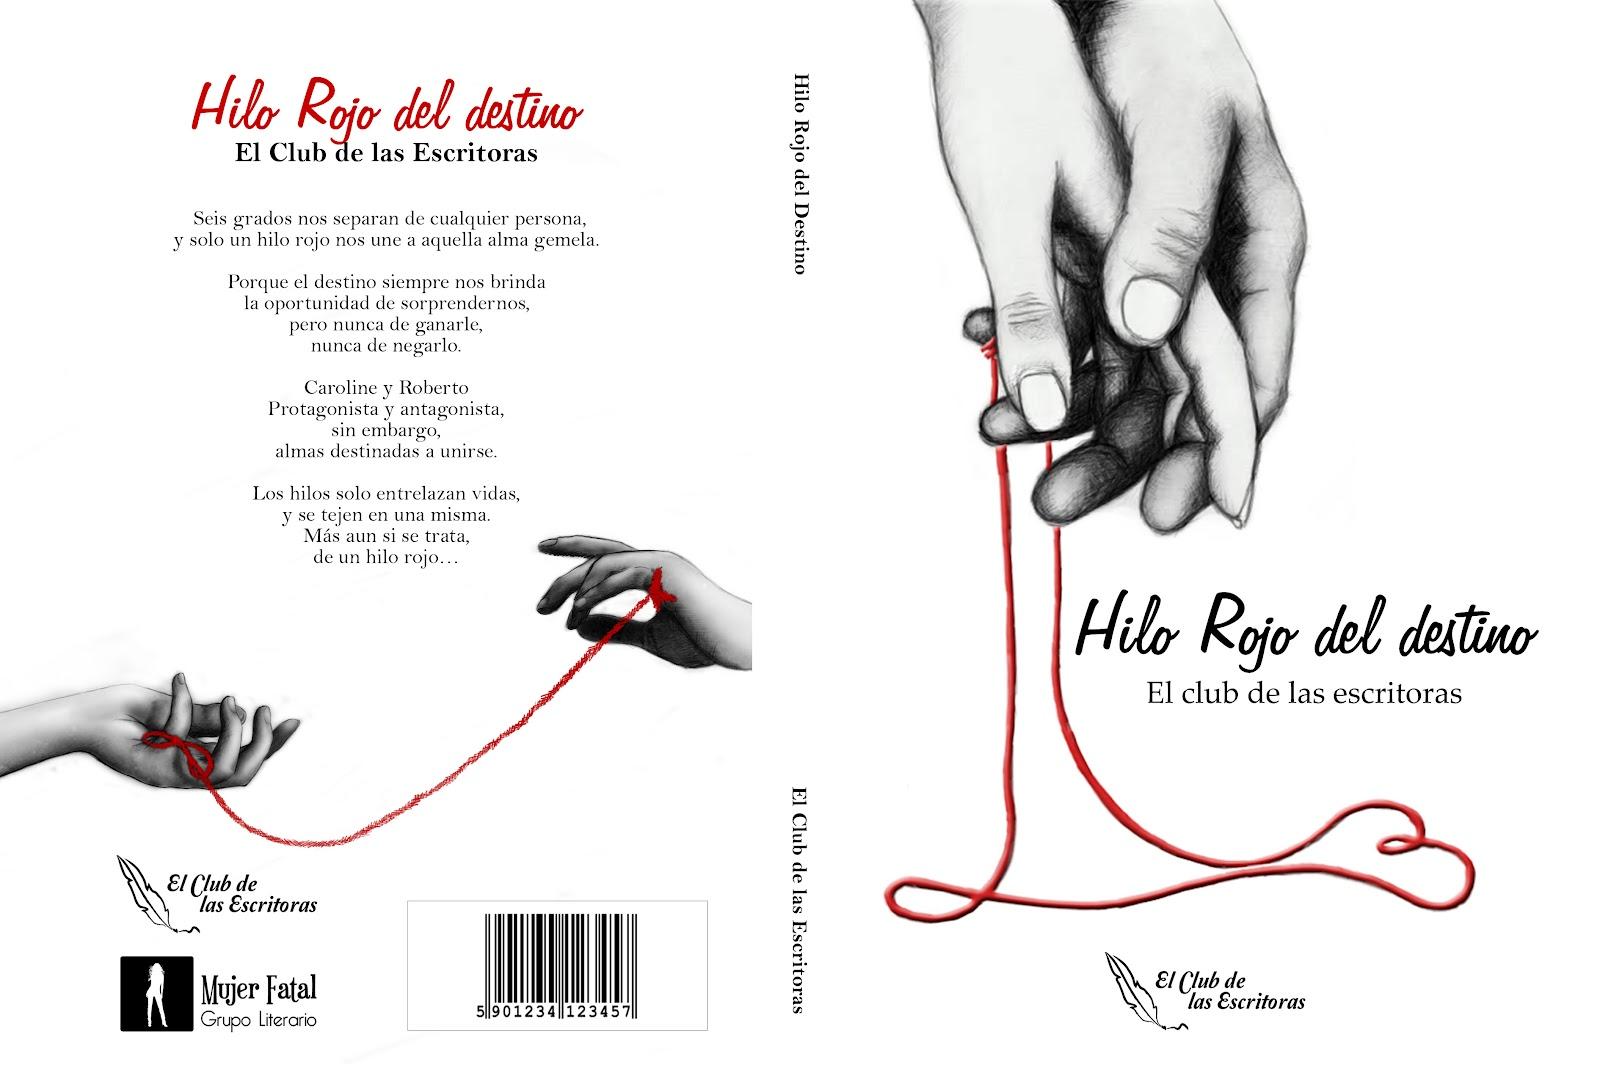 Escriboleeo Reseñas Libros Cine Cómic Cultura Ocio Hilo Rojo